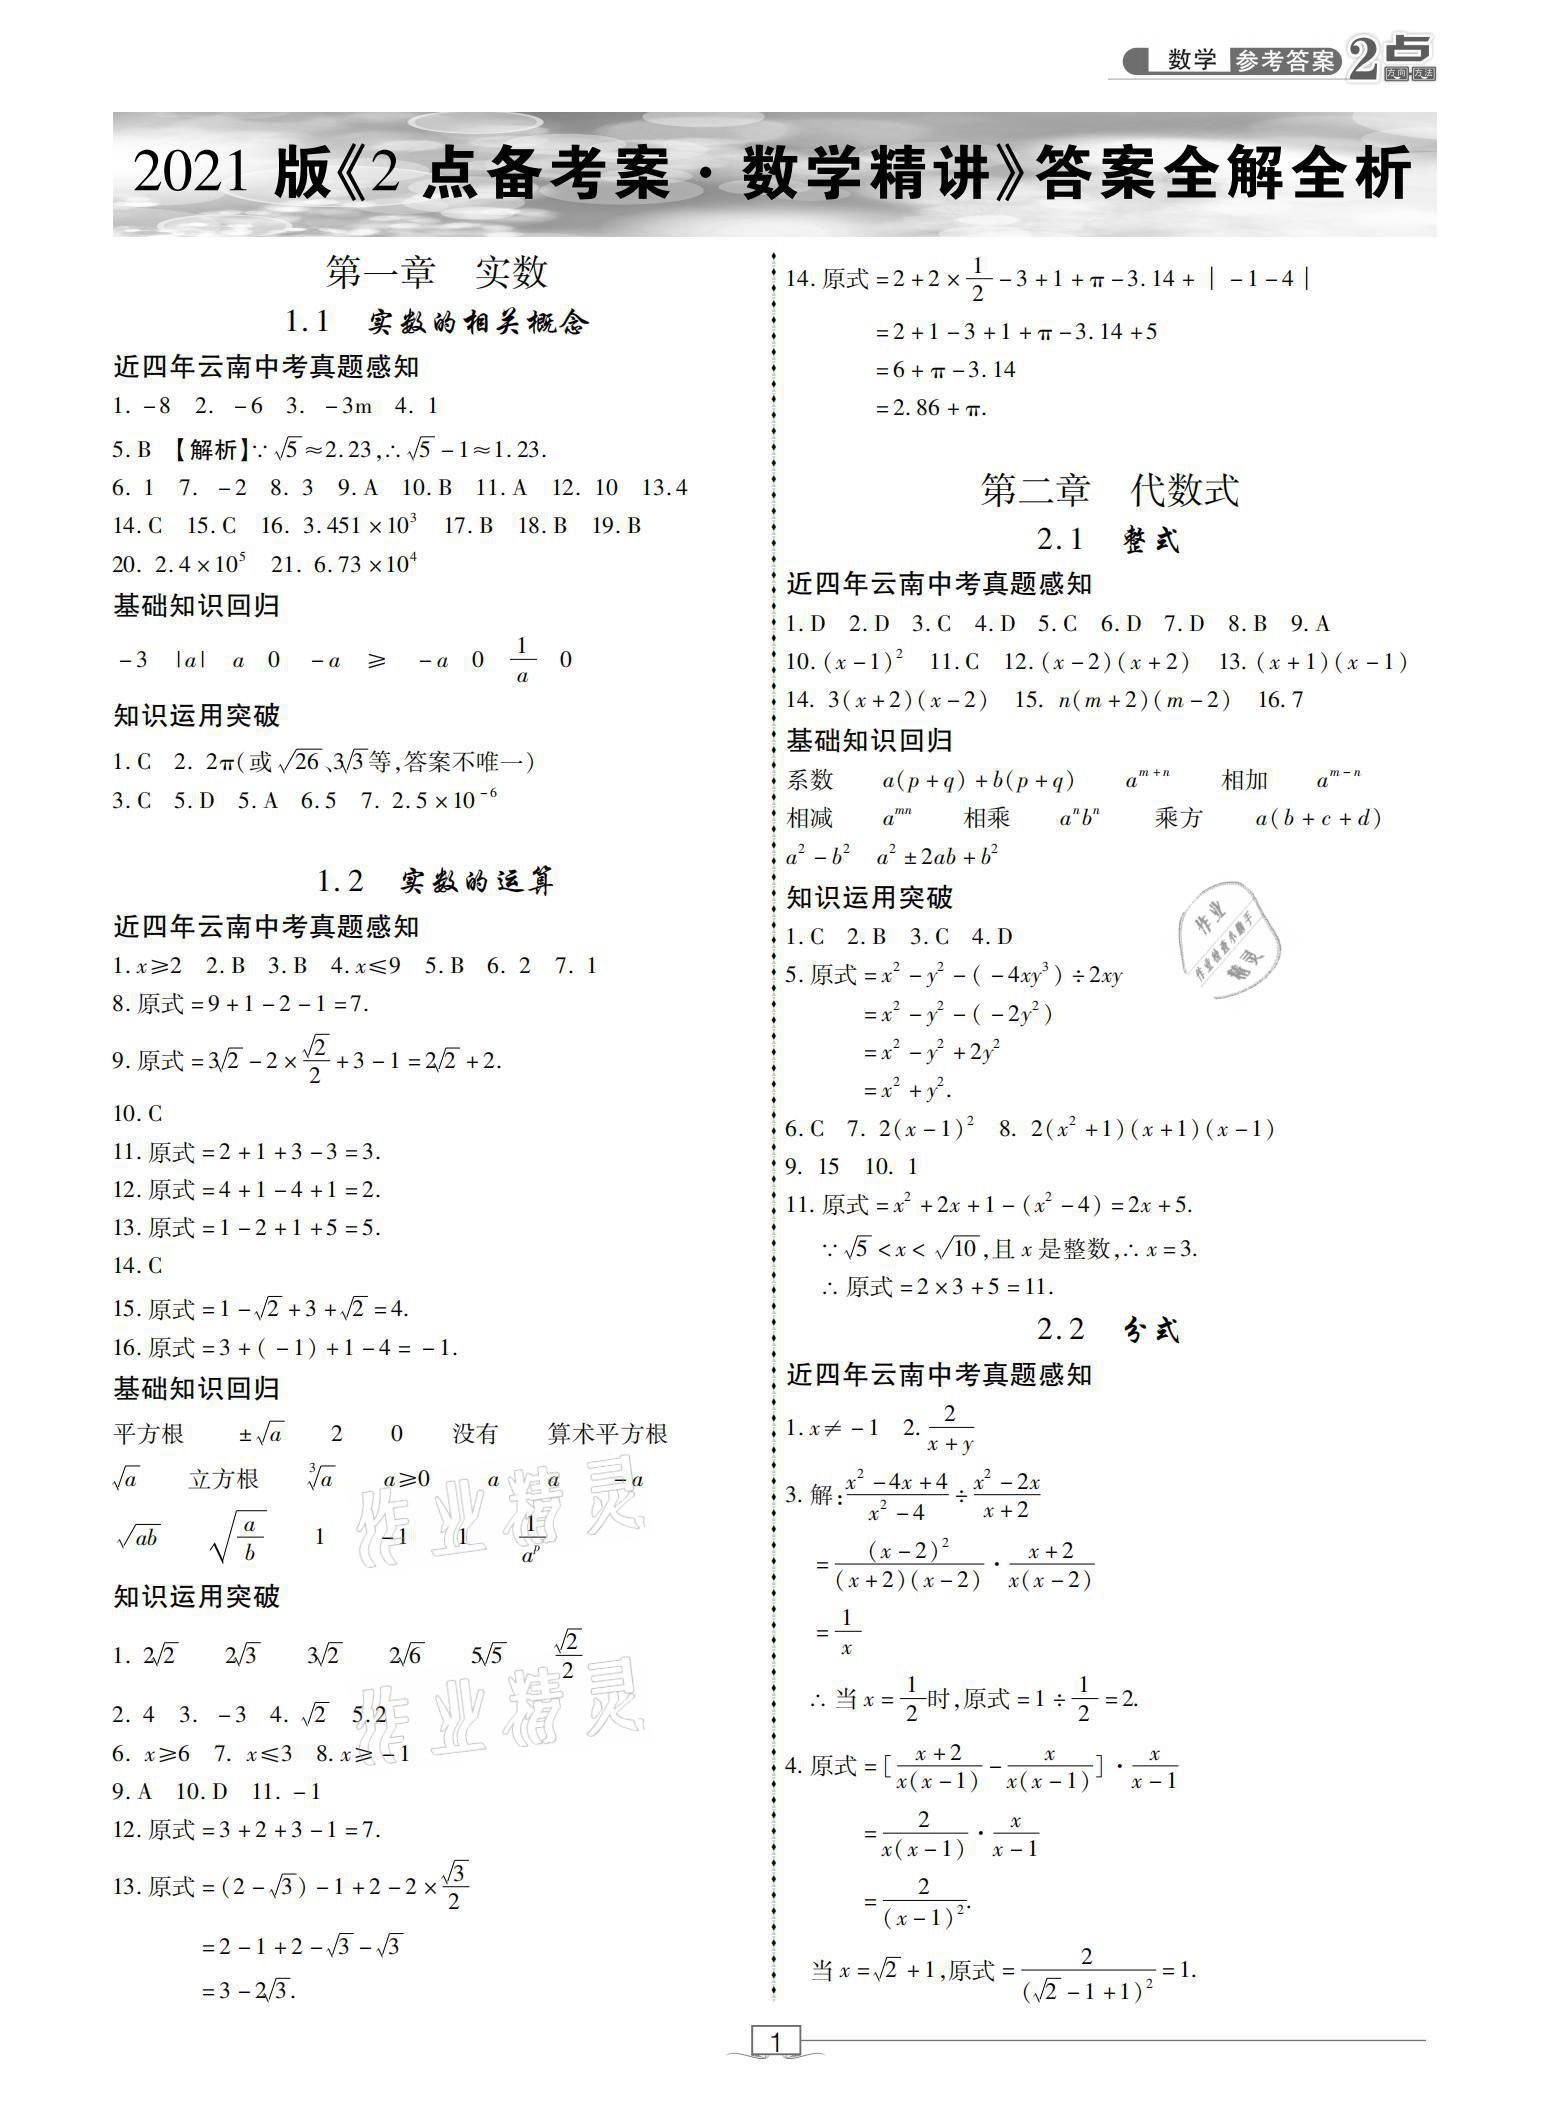 2021年2点备考案数学参考答案第1页